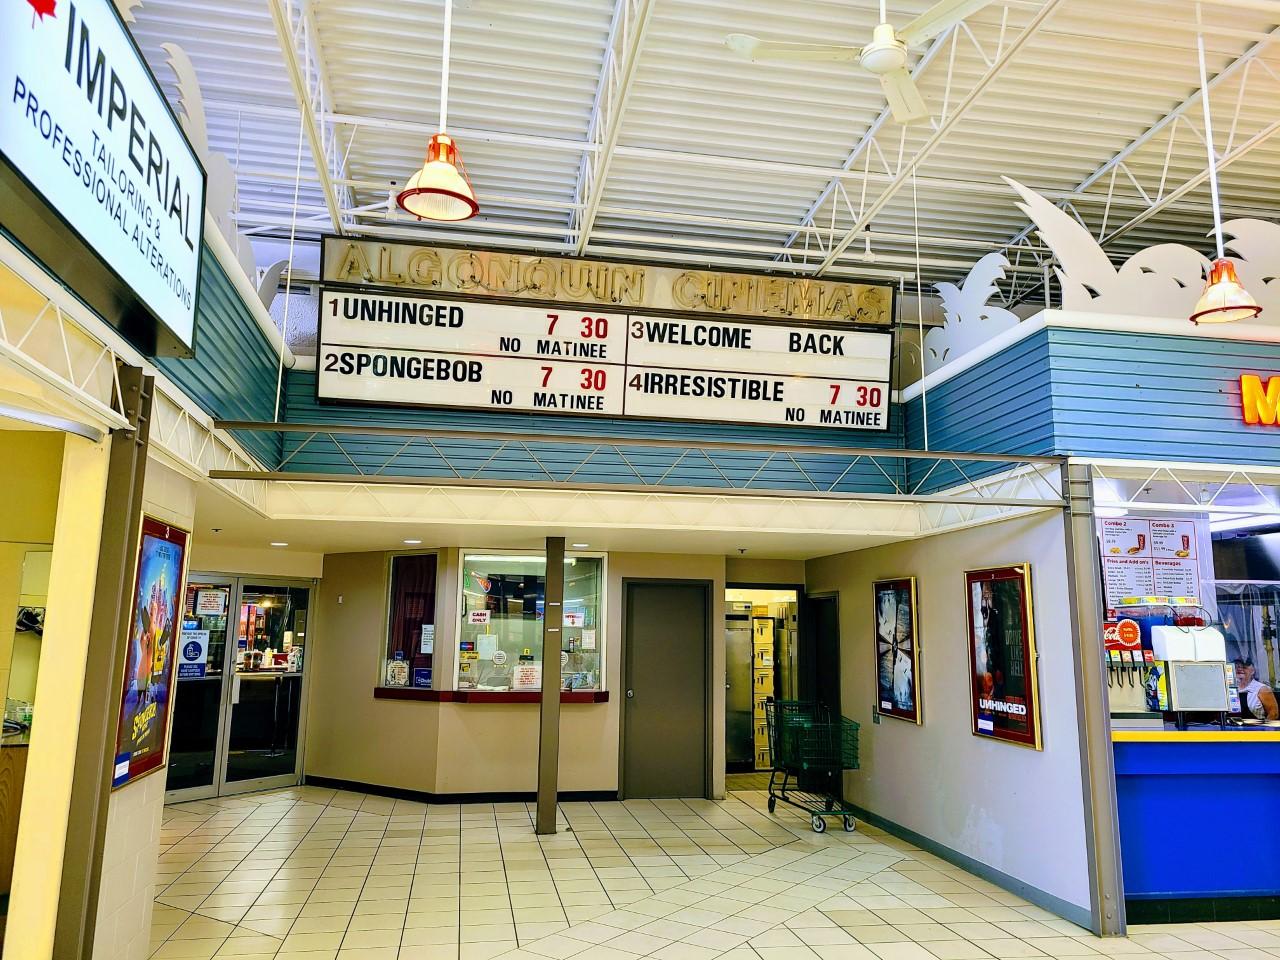 Algonquin Cinemas in Pembroke opens tomorrow, Troyes Cinemas in Petawawa open